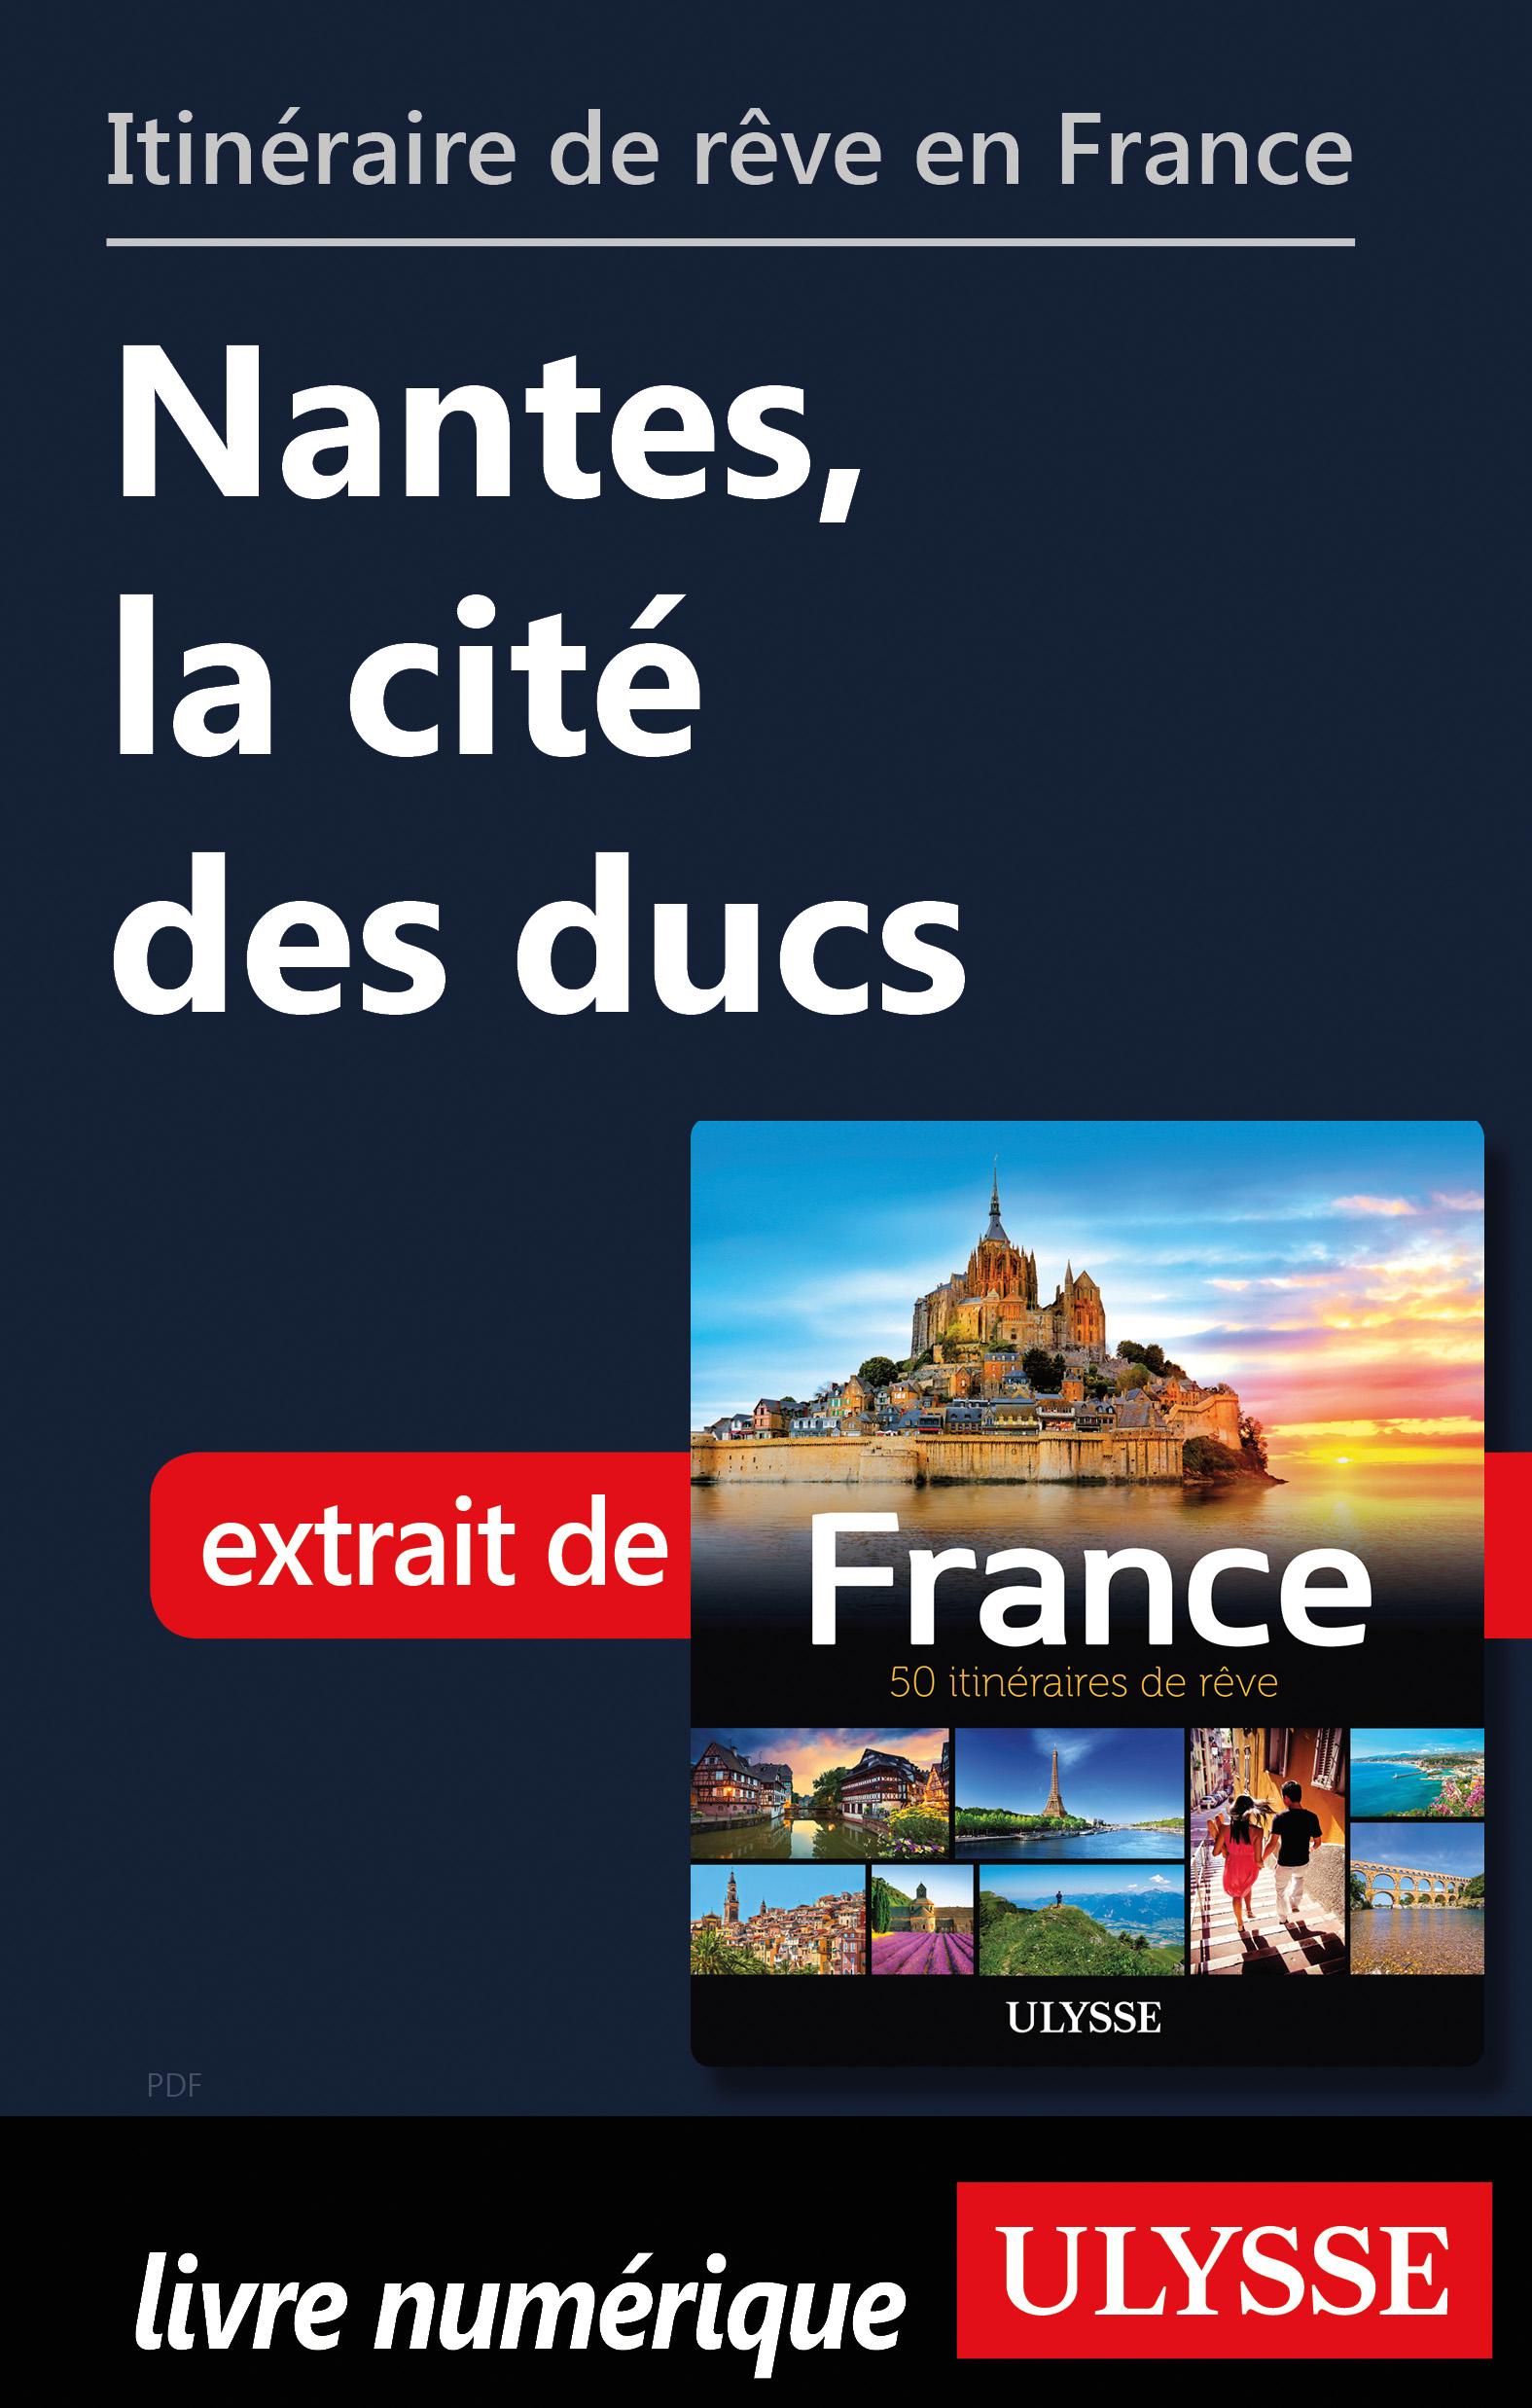 Itinéraire de rêve en France - Nantes, la cité des ducs